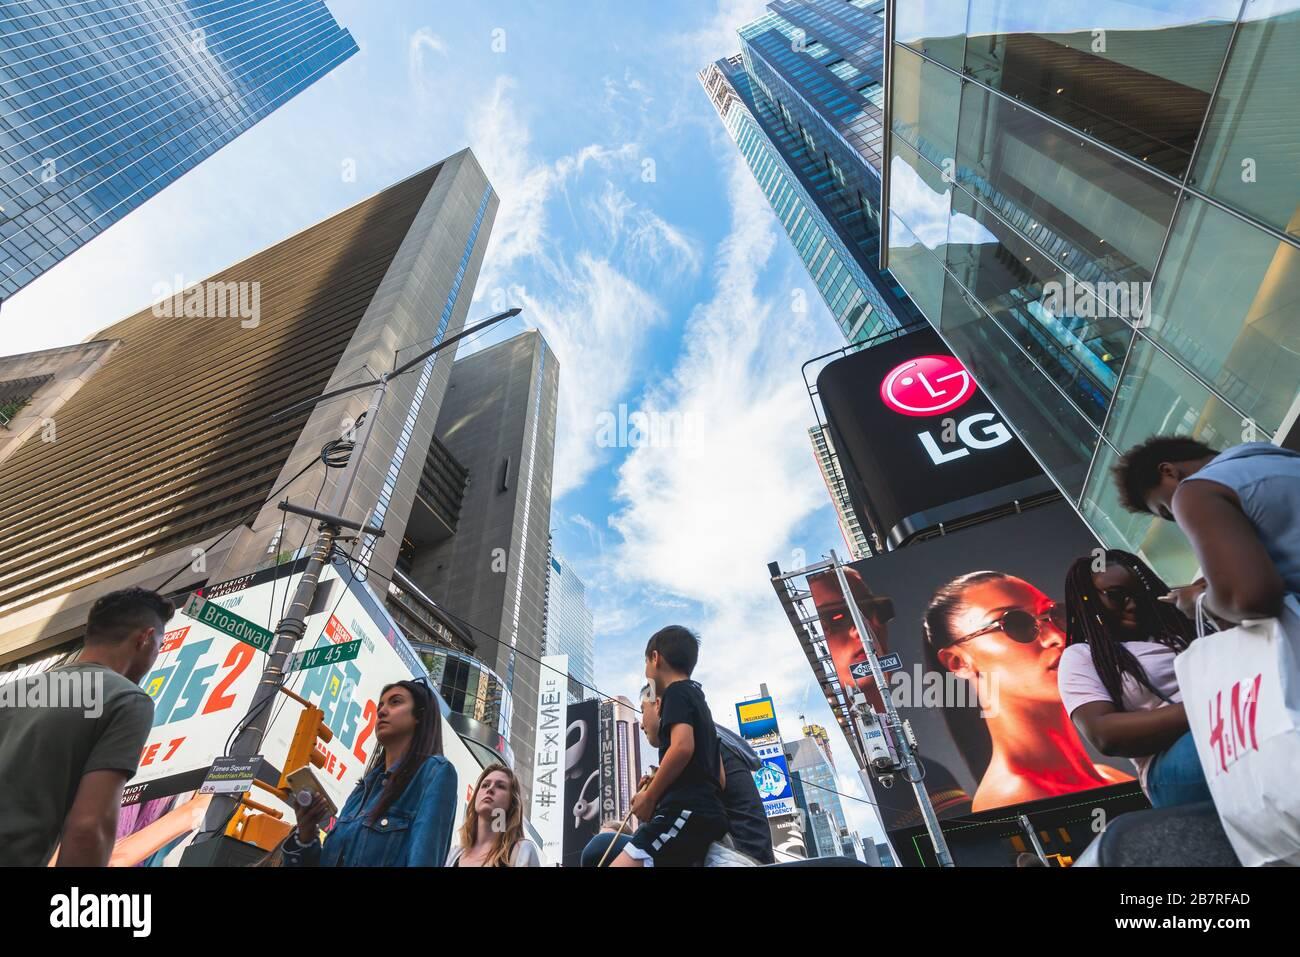 New York City/USA - 24 mai 2019 surpeuplée Times Square, l'une des attractions touristiques les plus visitées au monde. Vue sur la rue, architecture, lumineux billboa Banque D'Images